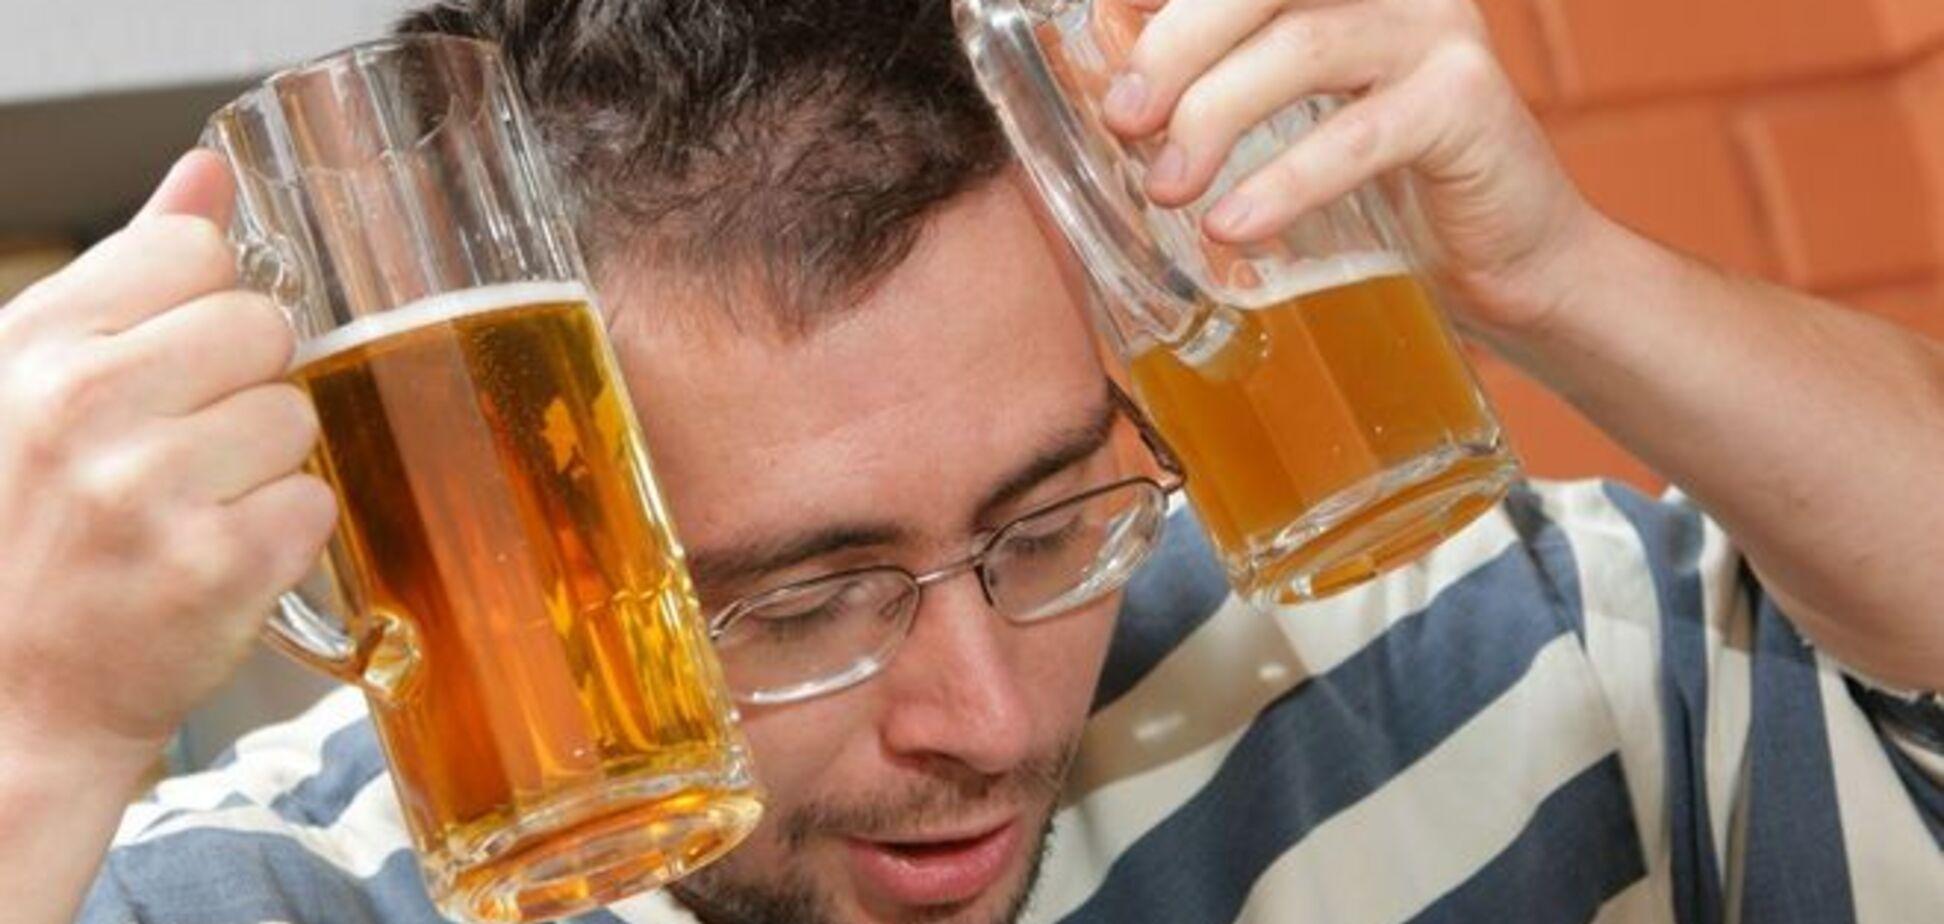 10 фактов о похмелье: как печень превращает алкоголь в яд